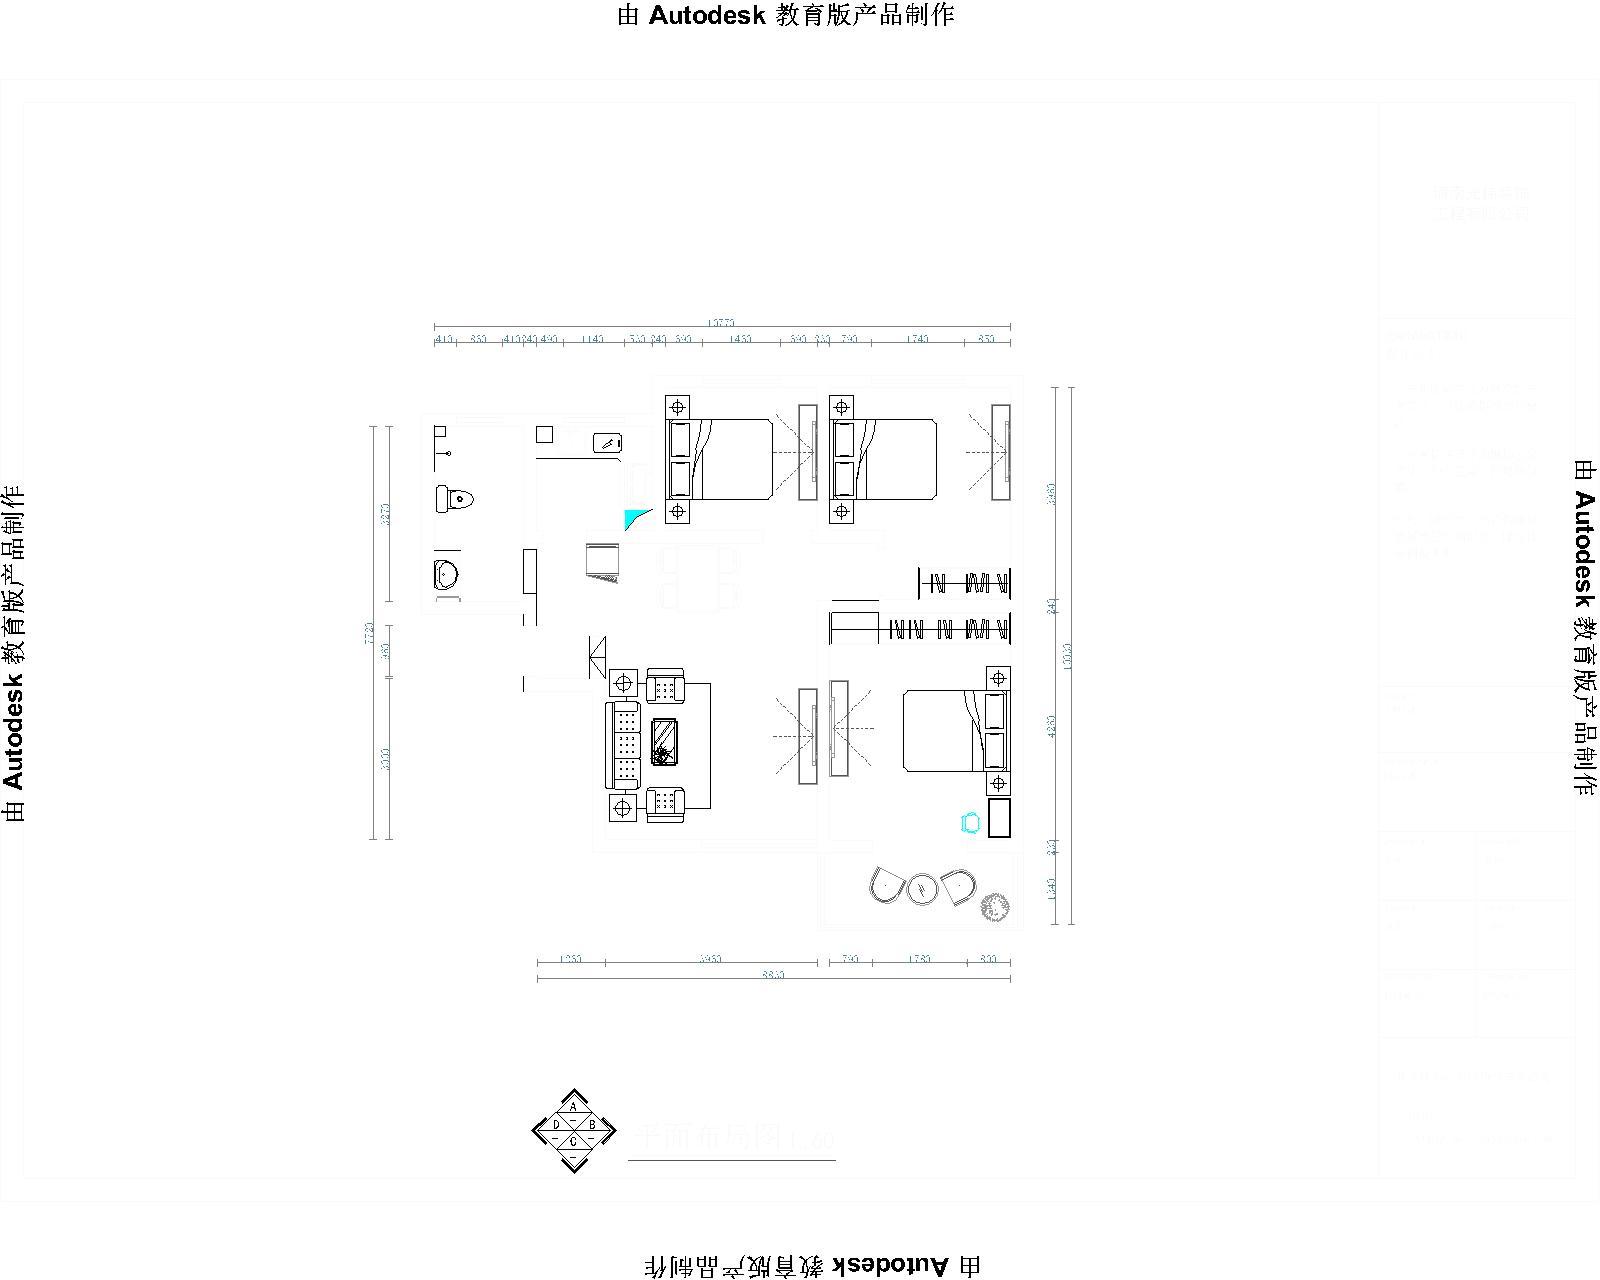 佛山市聚龙塔机电路图